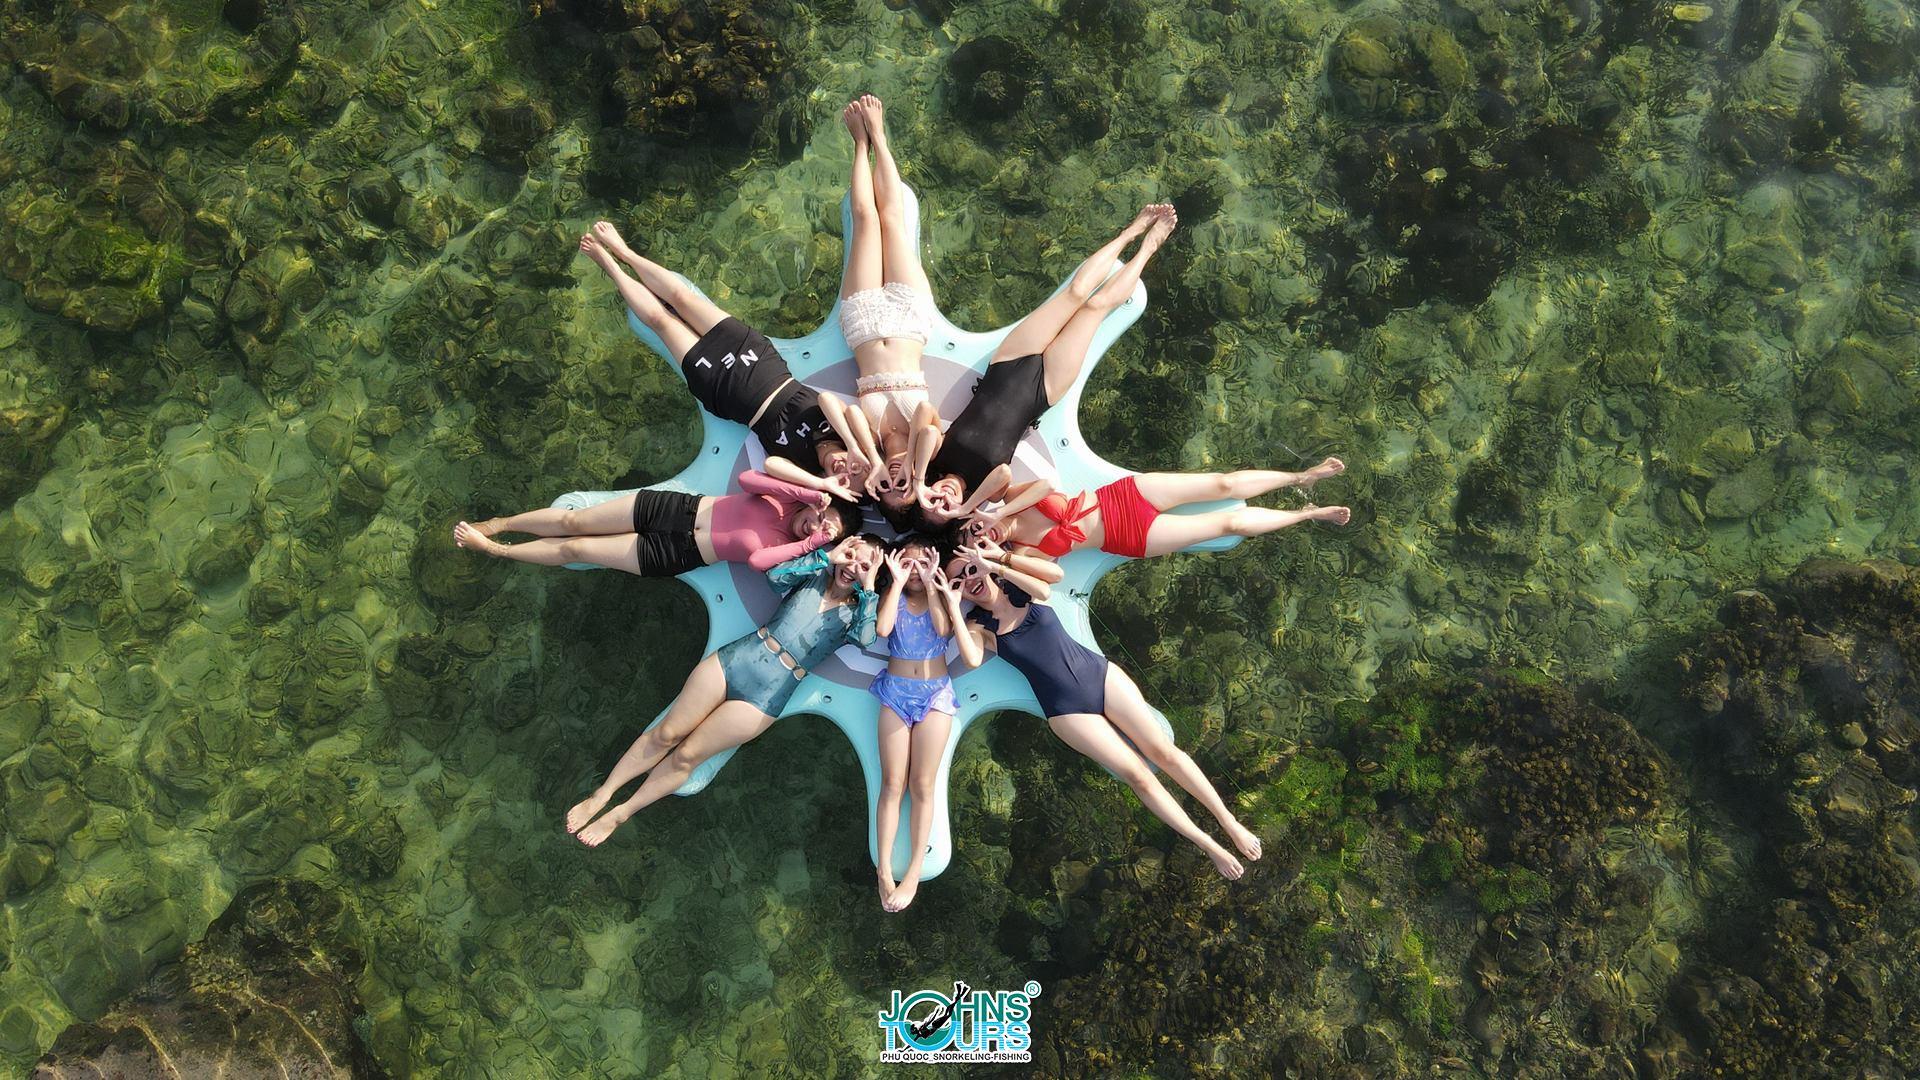 Ngôi sao 8 cánh thích hợp các bức ảnh gia đình hoặc nhóm bạn